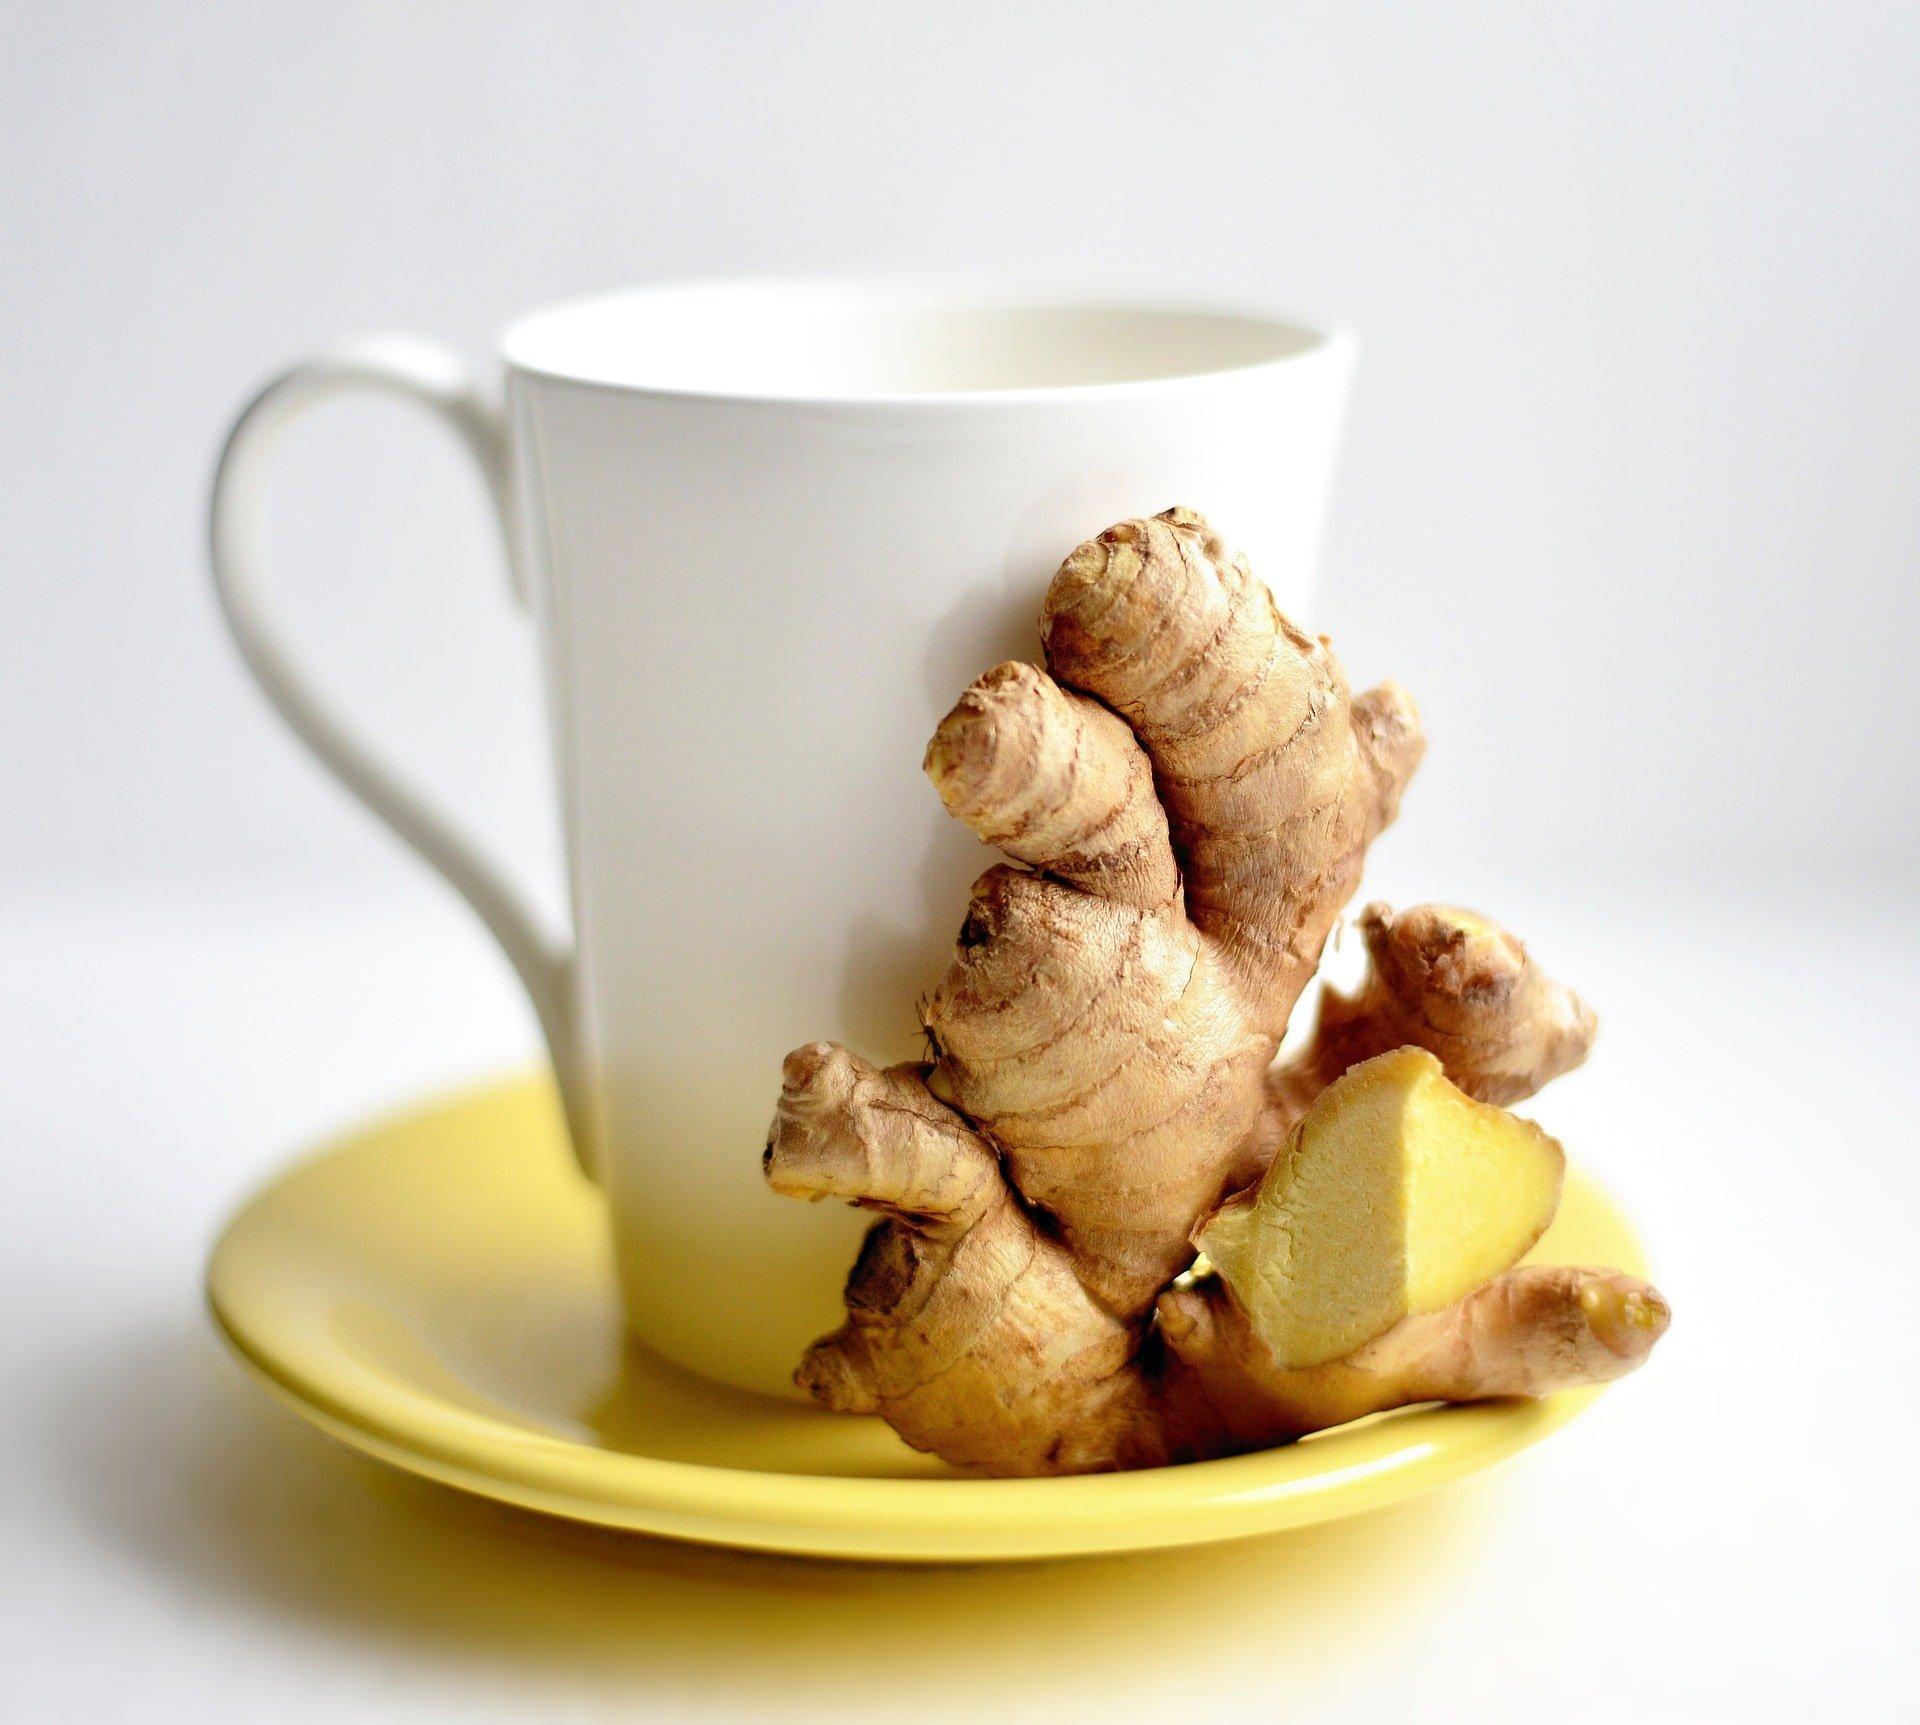 ginger tea is good for arthritis